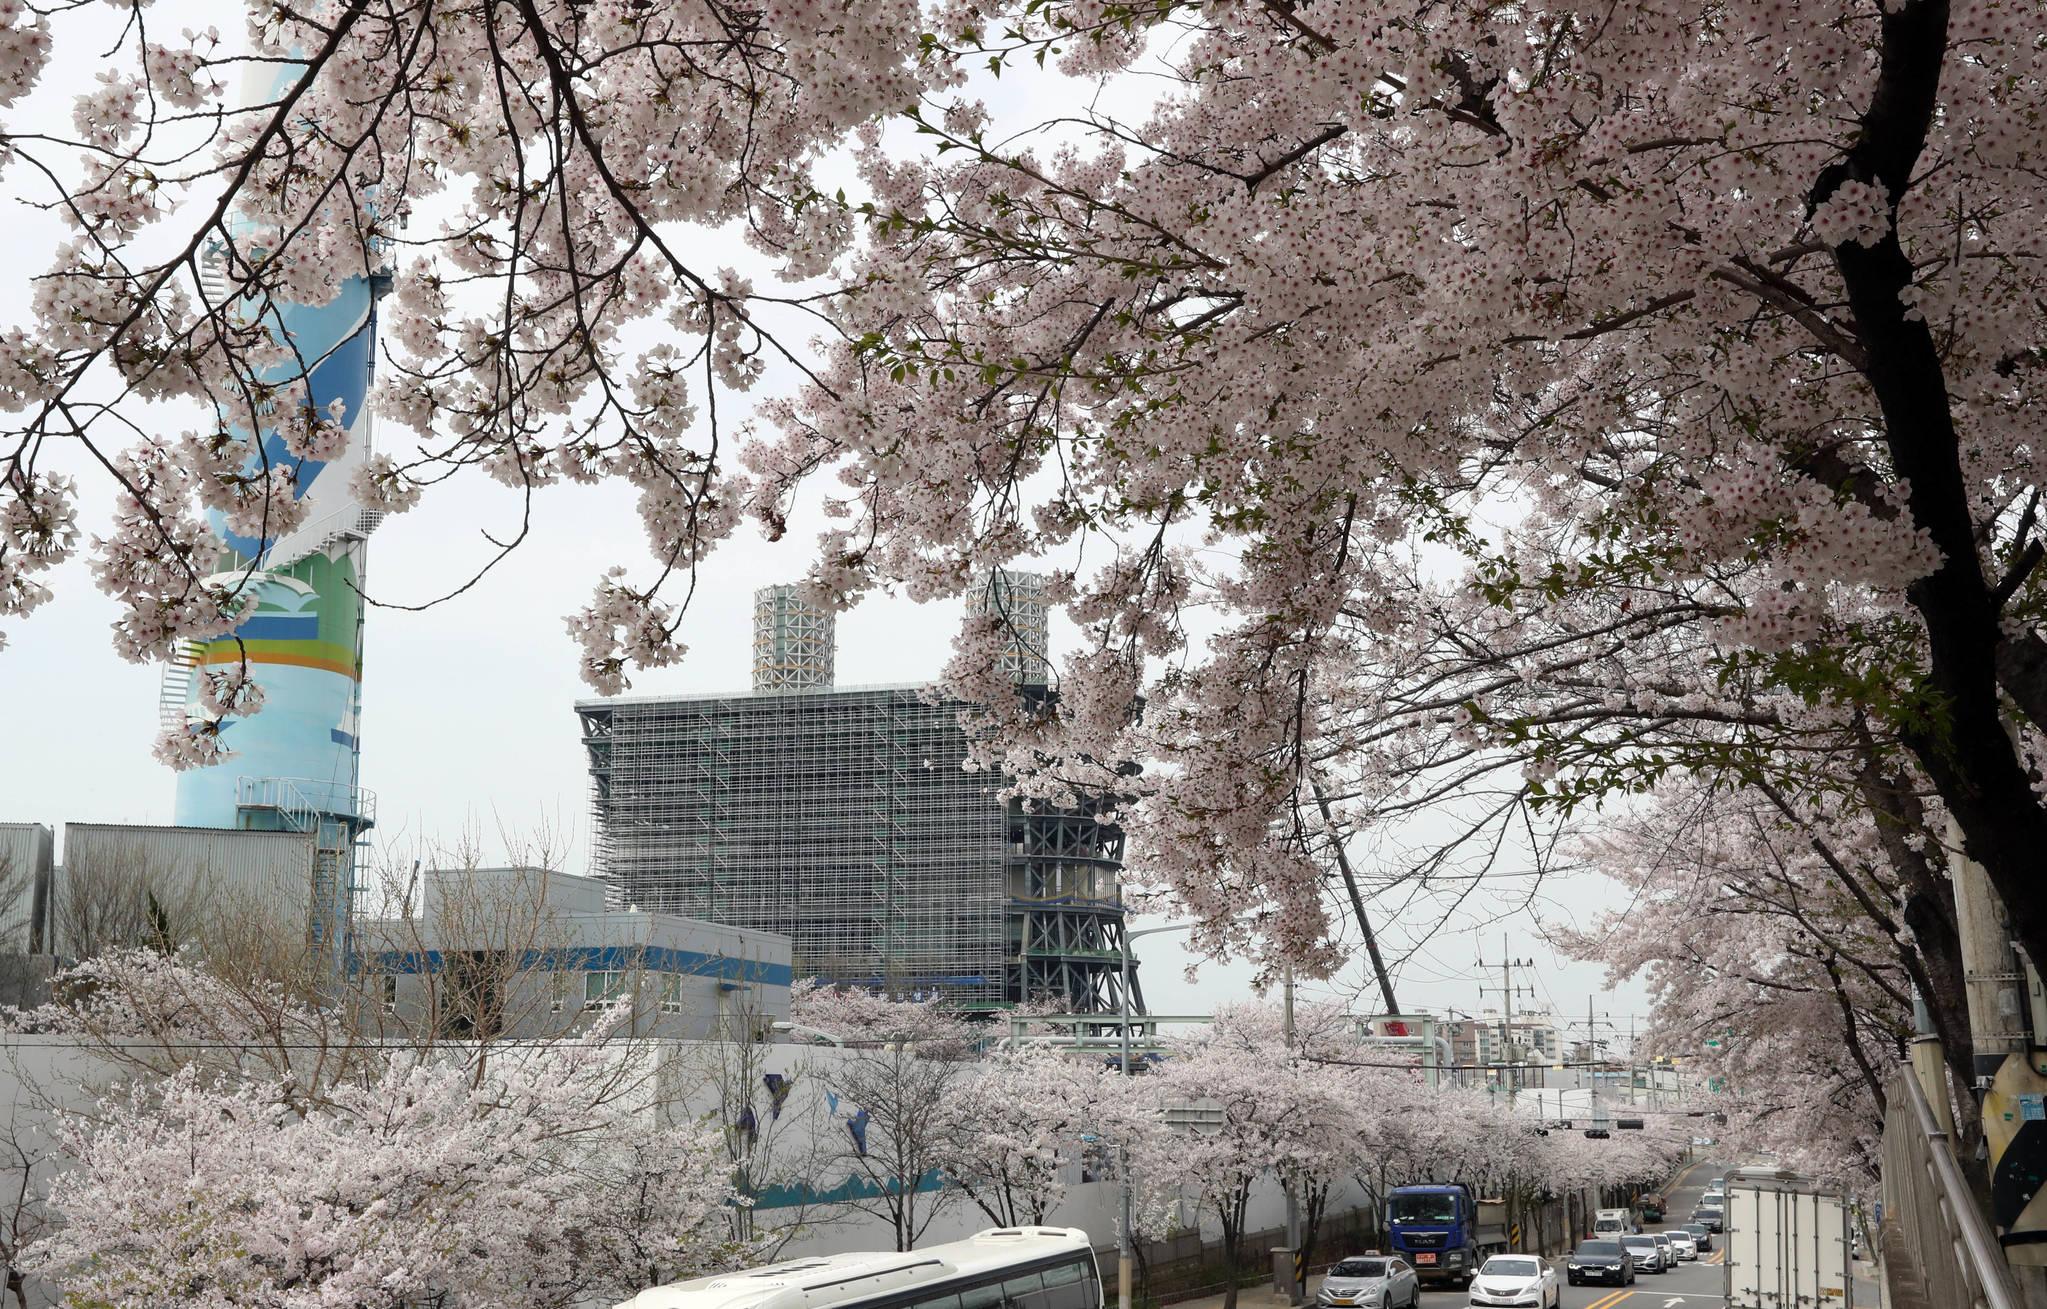 합정동 당인리 발전소에서 상수동으로 이어지는 길 가로수도 벚나무다. 7일 현재 벚꽃이 만발했다.강정현 기자